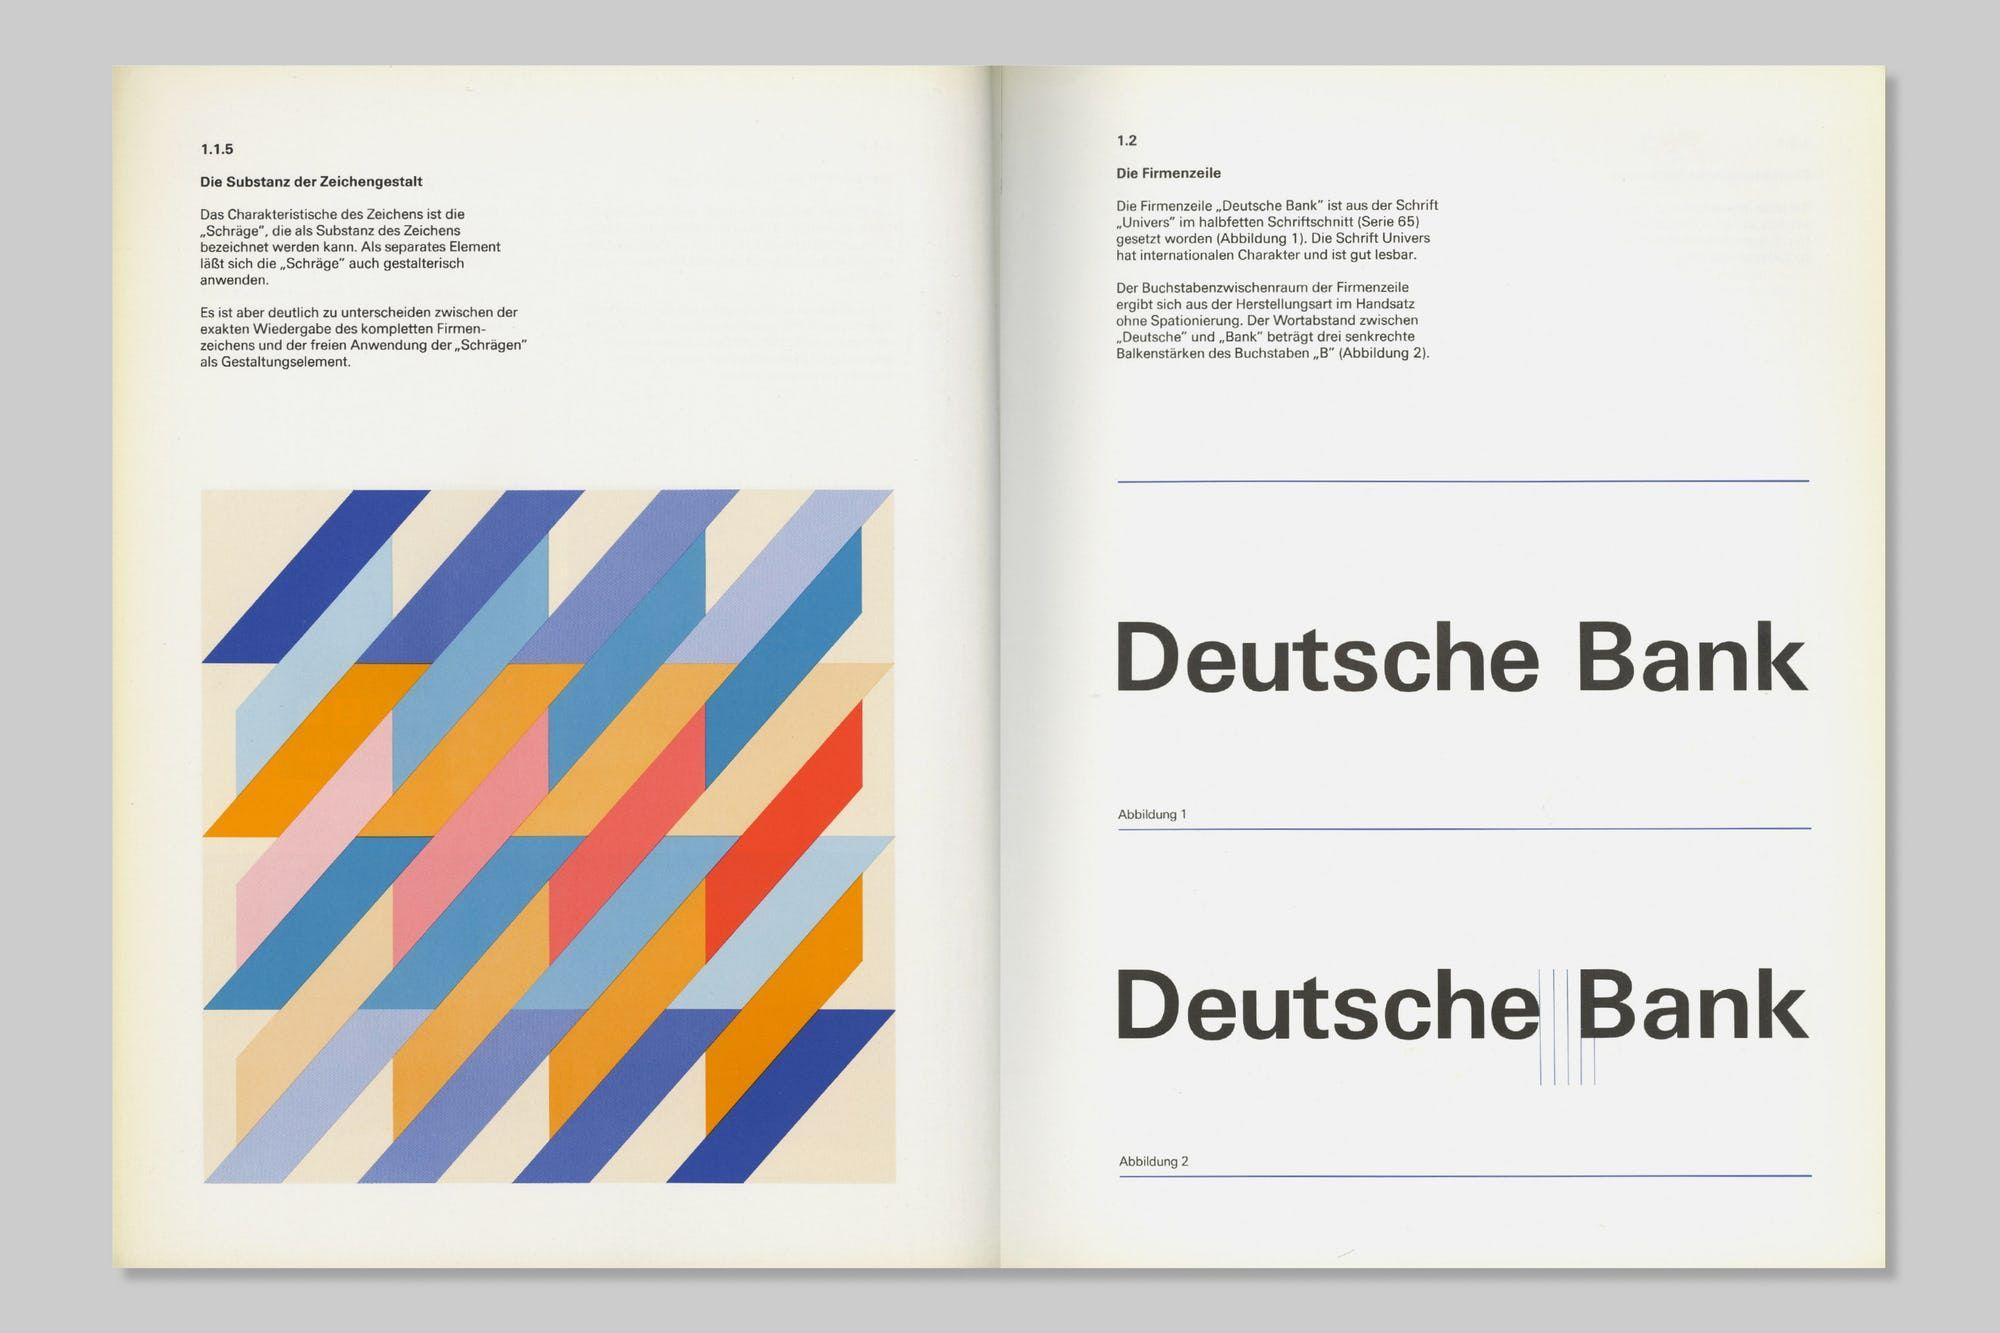 Presented Here Is The Erscheinungsbild Deutsche Bank Typografie Design Manual Articulating The Design System Graphic Design Books Book Design Graphic Design